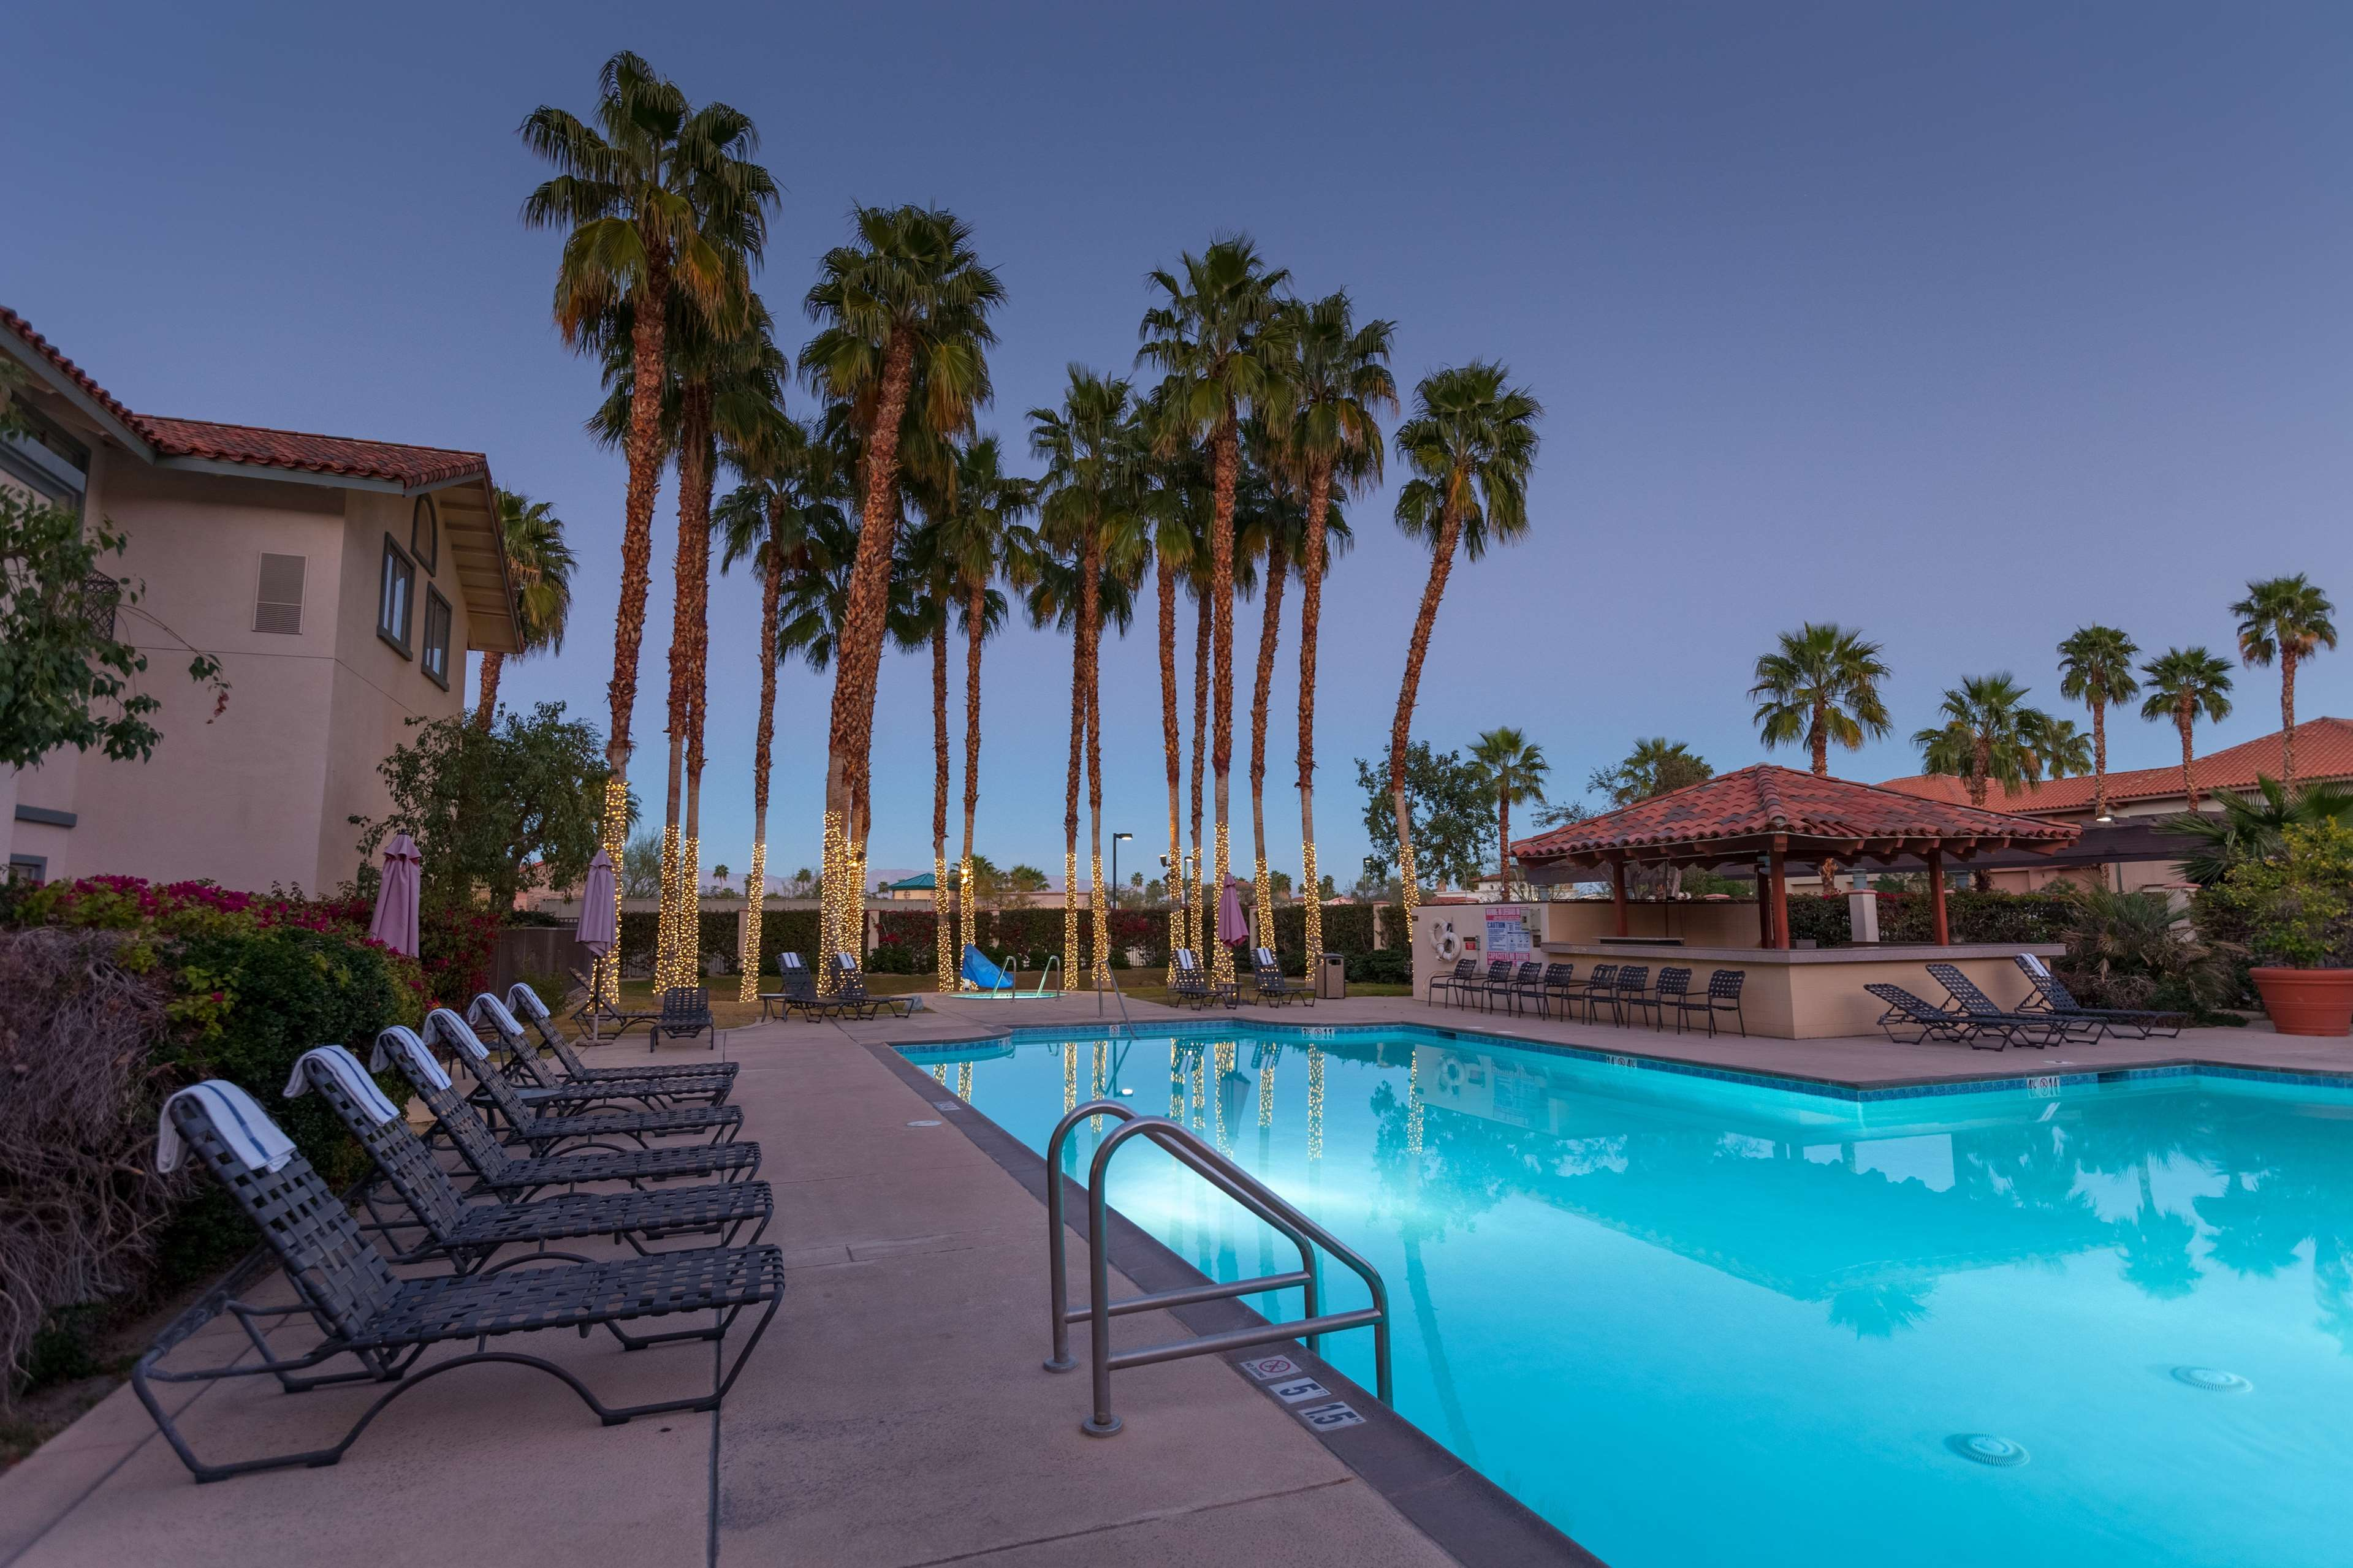 Hilton Garden Inn Palm Springs/Rancho Mirage image 9